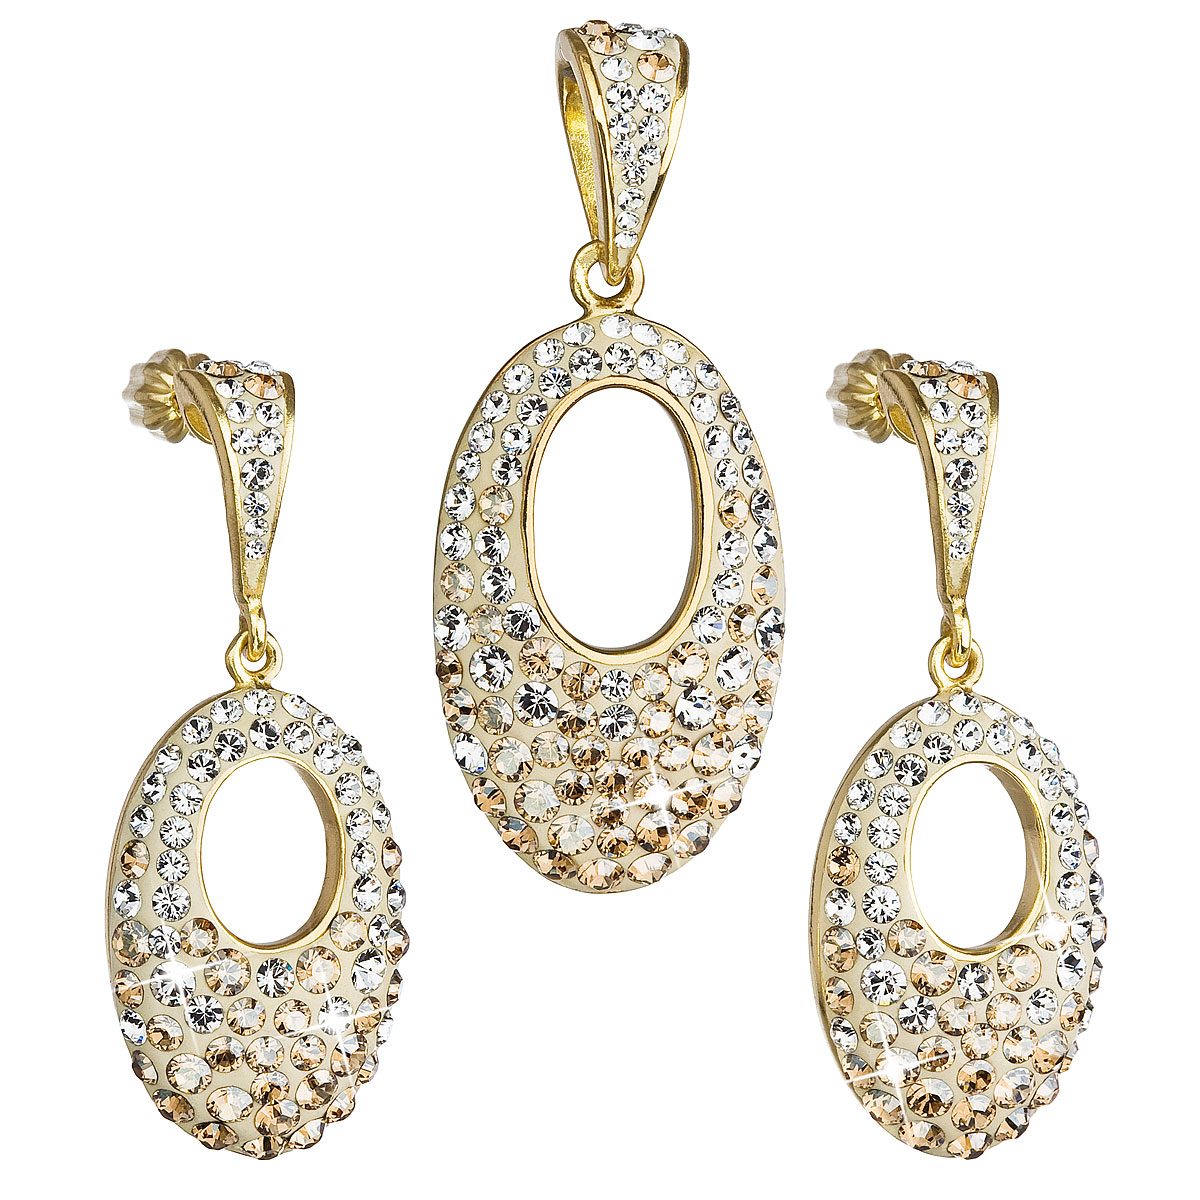 Evolution Group Sada šperků s krystaly Swarovski náušnice a přívěsek zlatý ovál 39075.6, dárkové balení